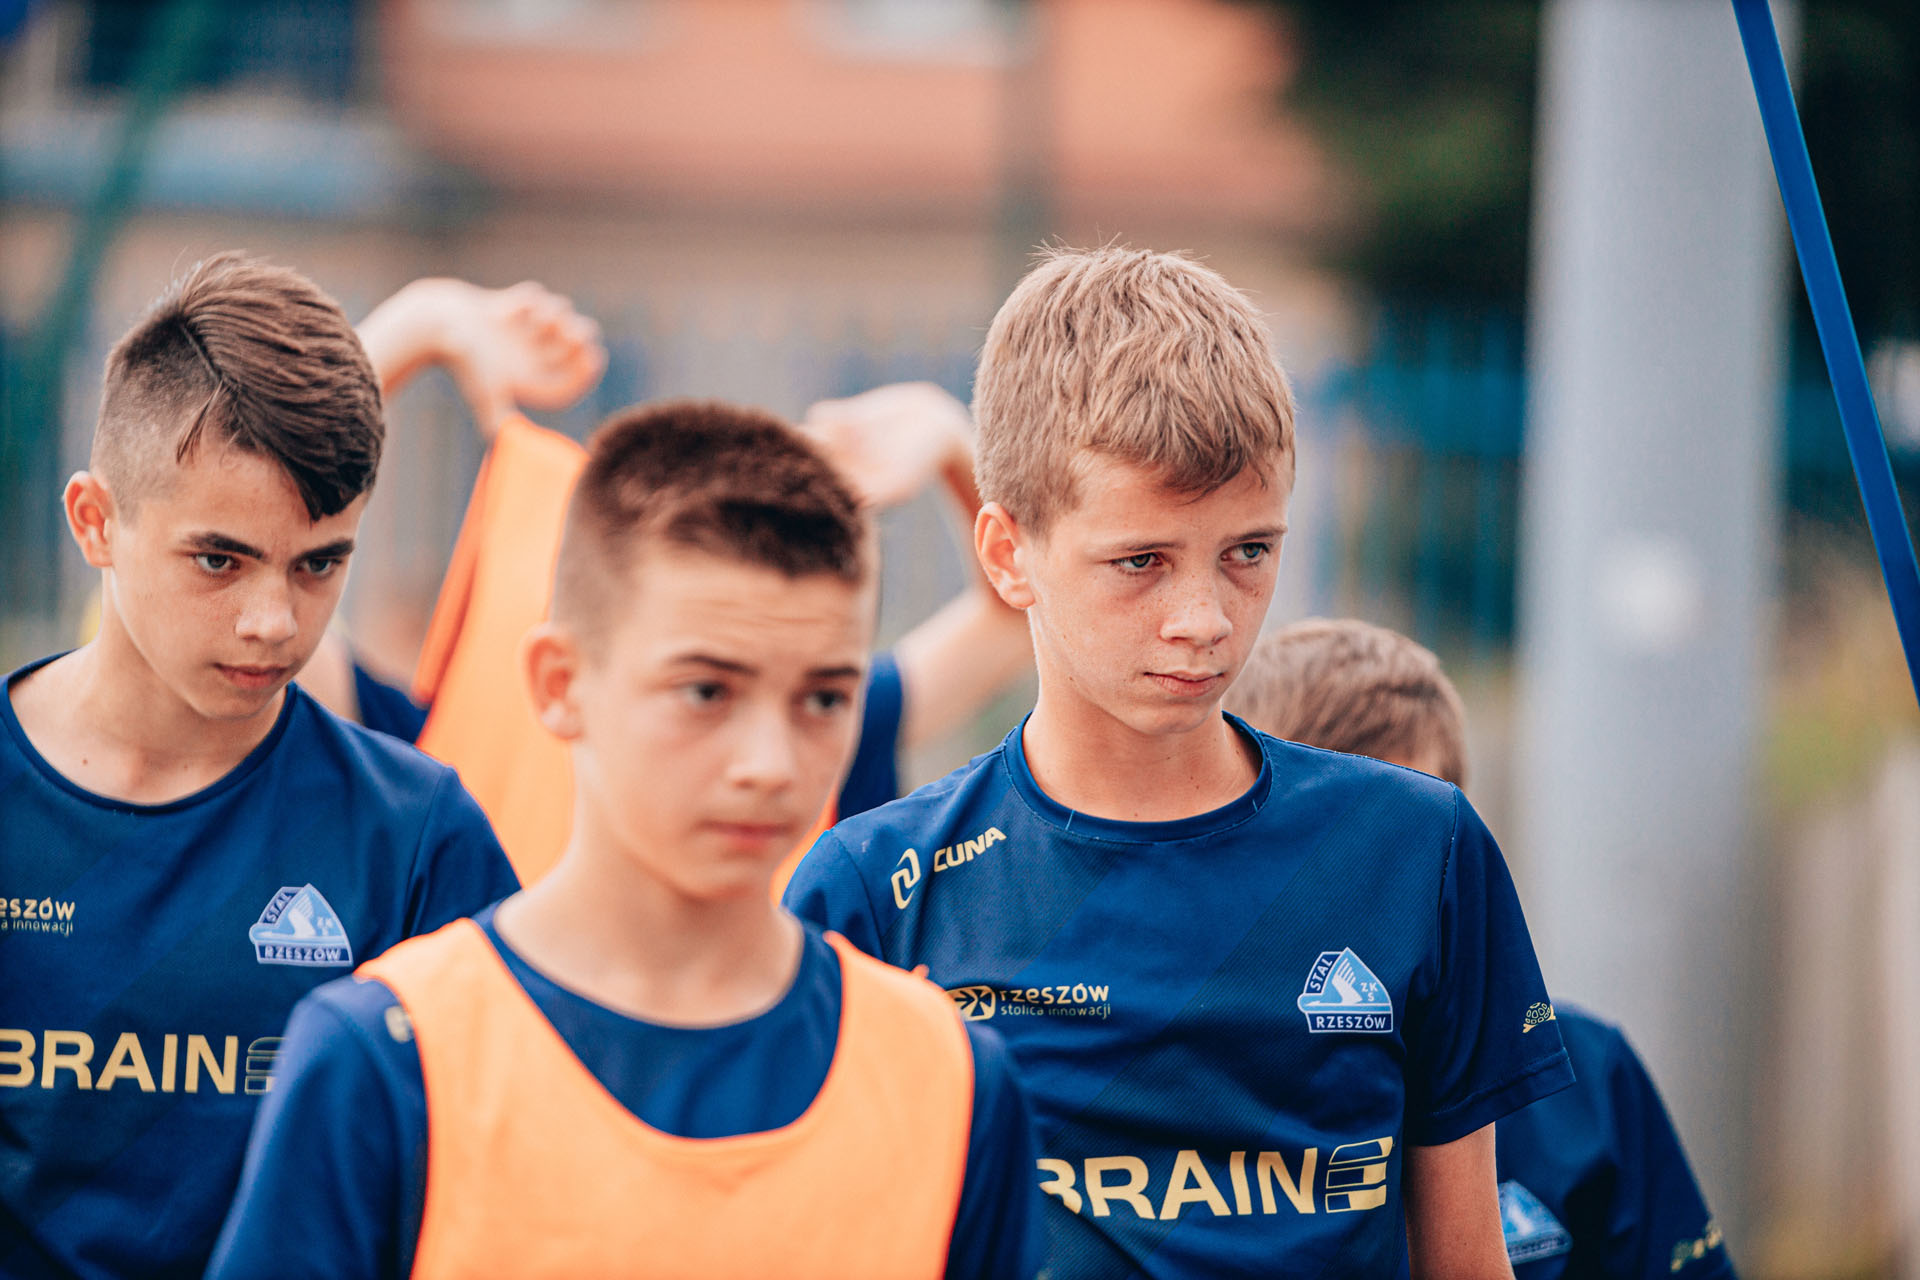 C2A - Stal Rzeszów - Karpaty Krosno, 20-08-2021, fot. K.Krupa